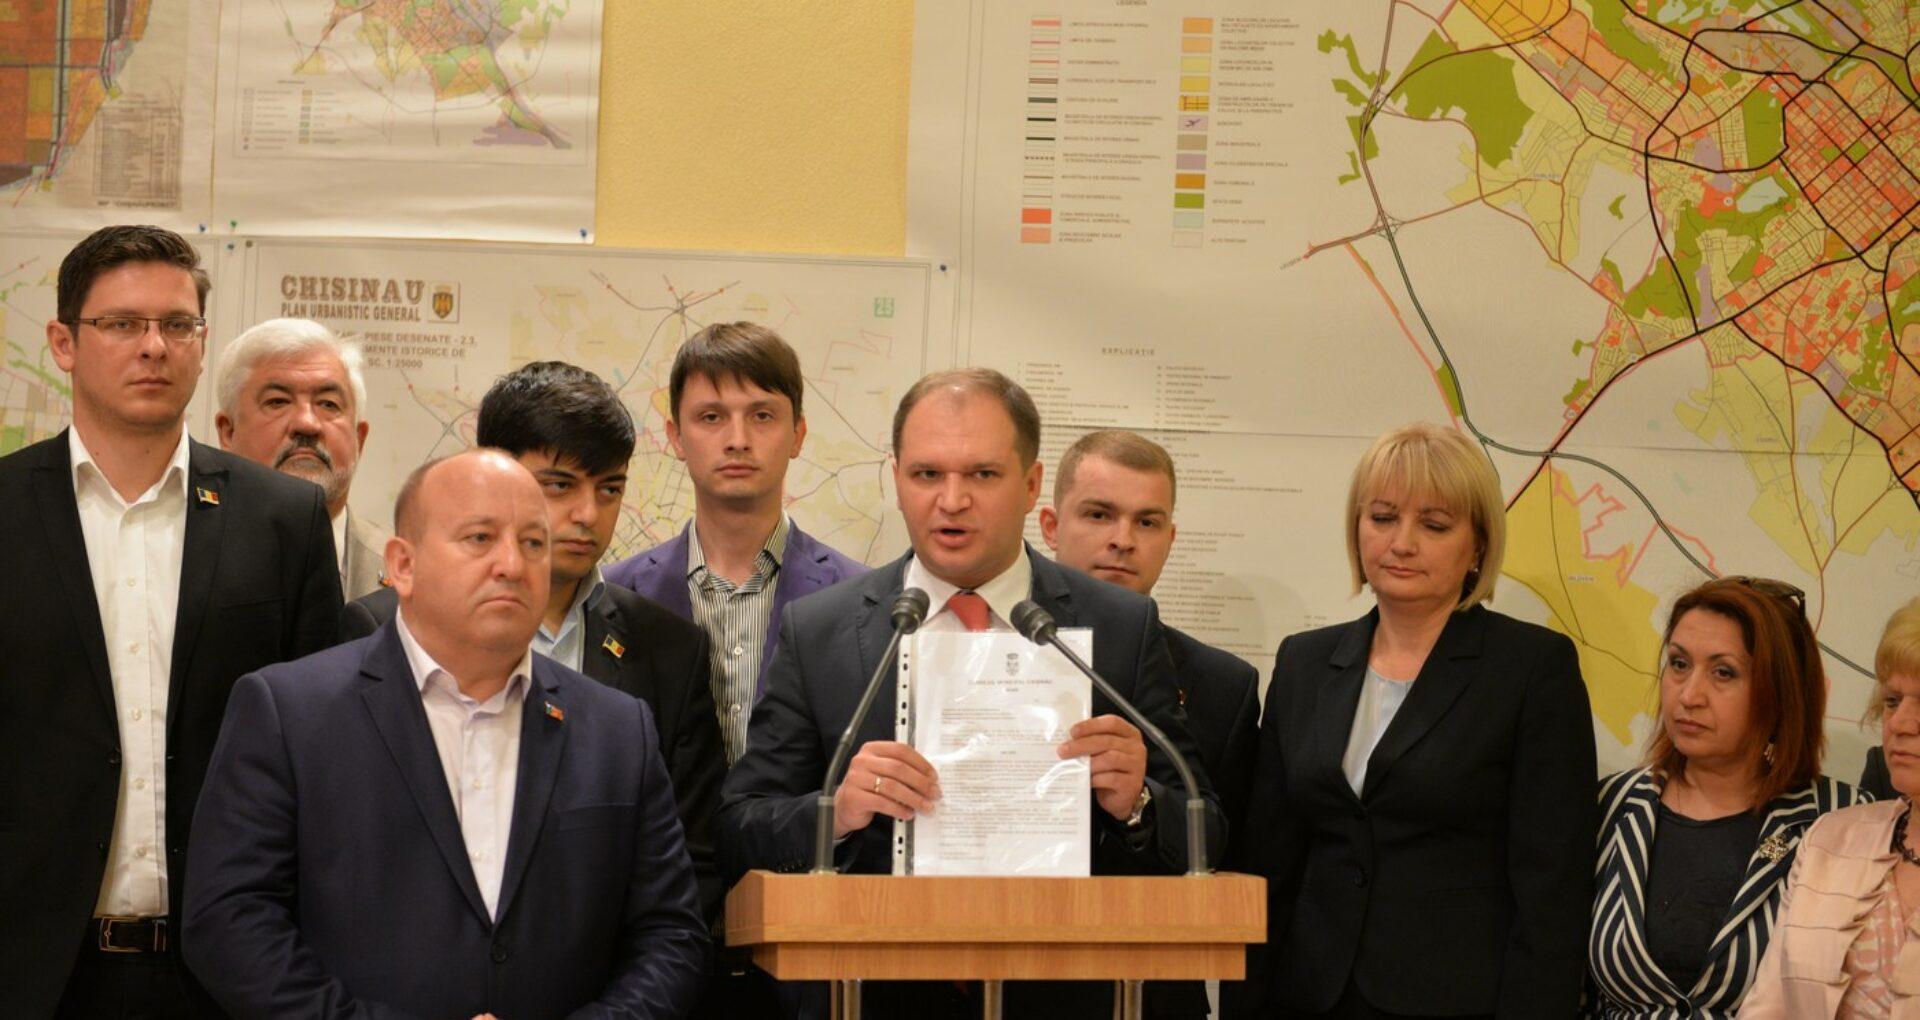 Socialiștii din CMC vor referendum pentru demiterea lui Chirtoacă, concomitent cu alegerile prezidențiale